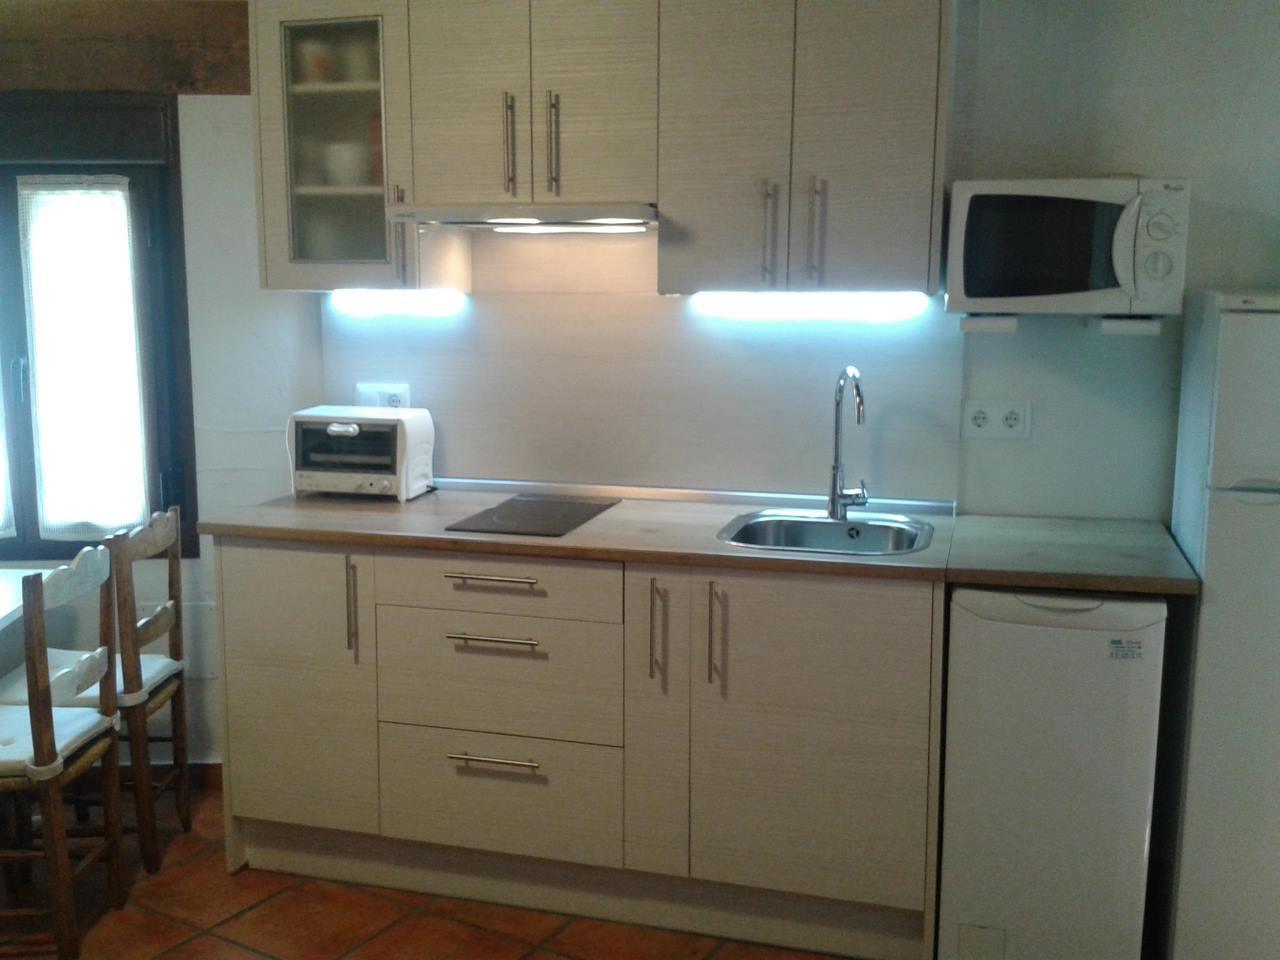 Alquiler de apartamentos Lanzahíta, Ávila